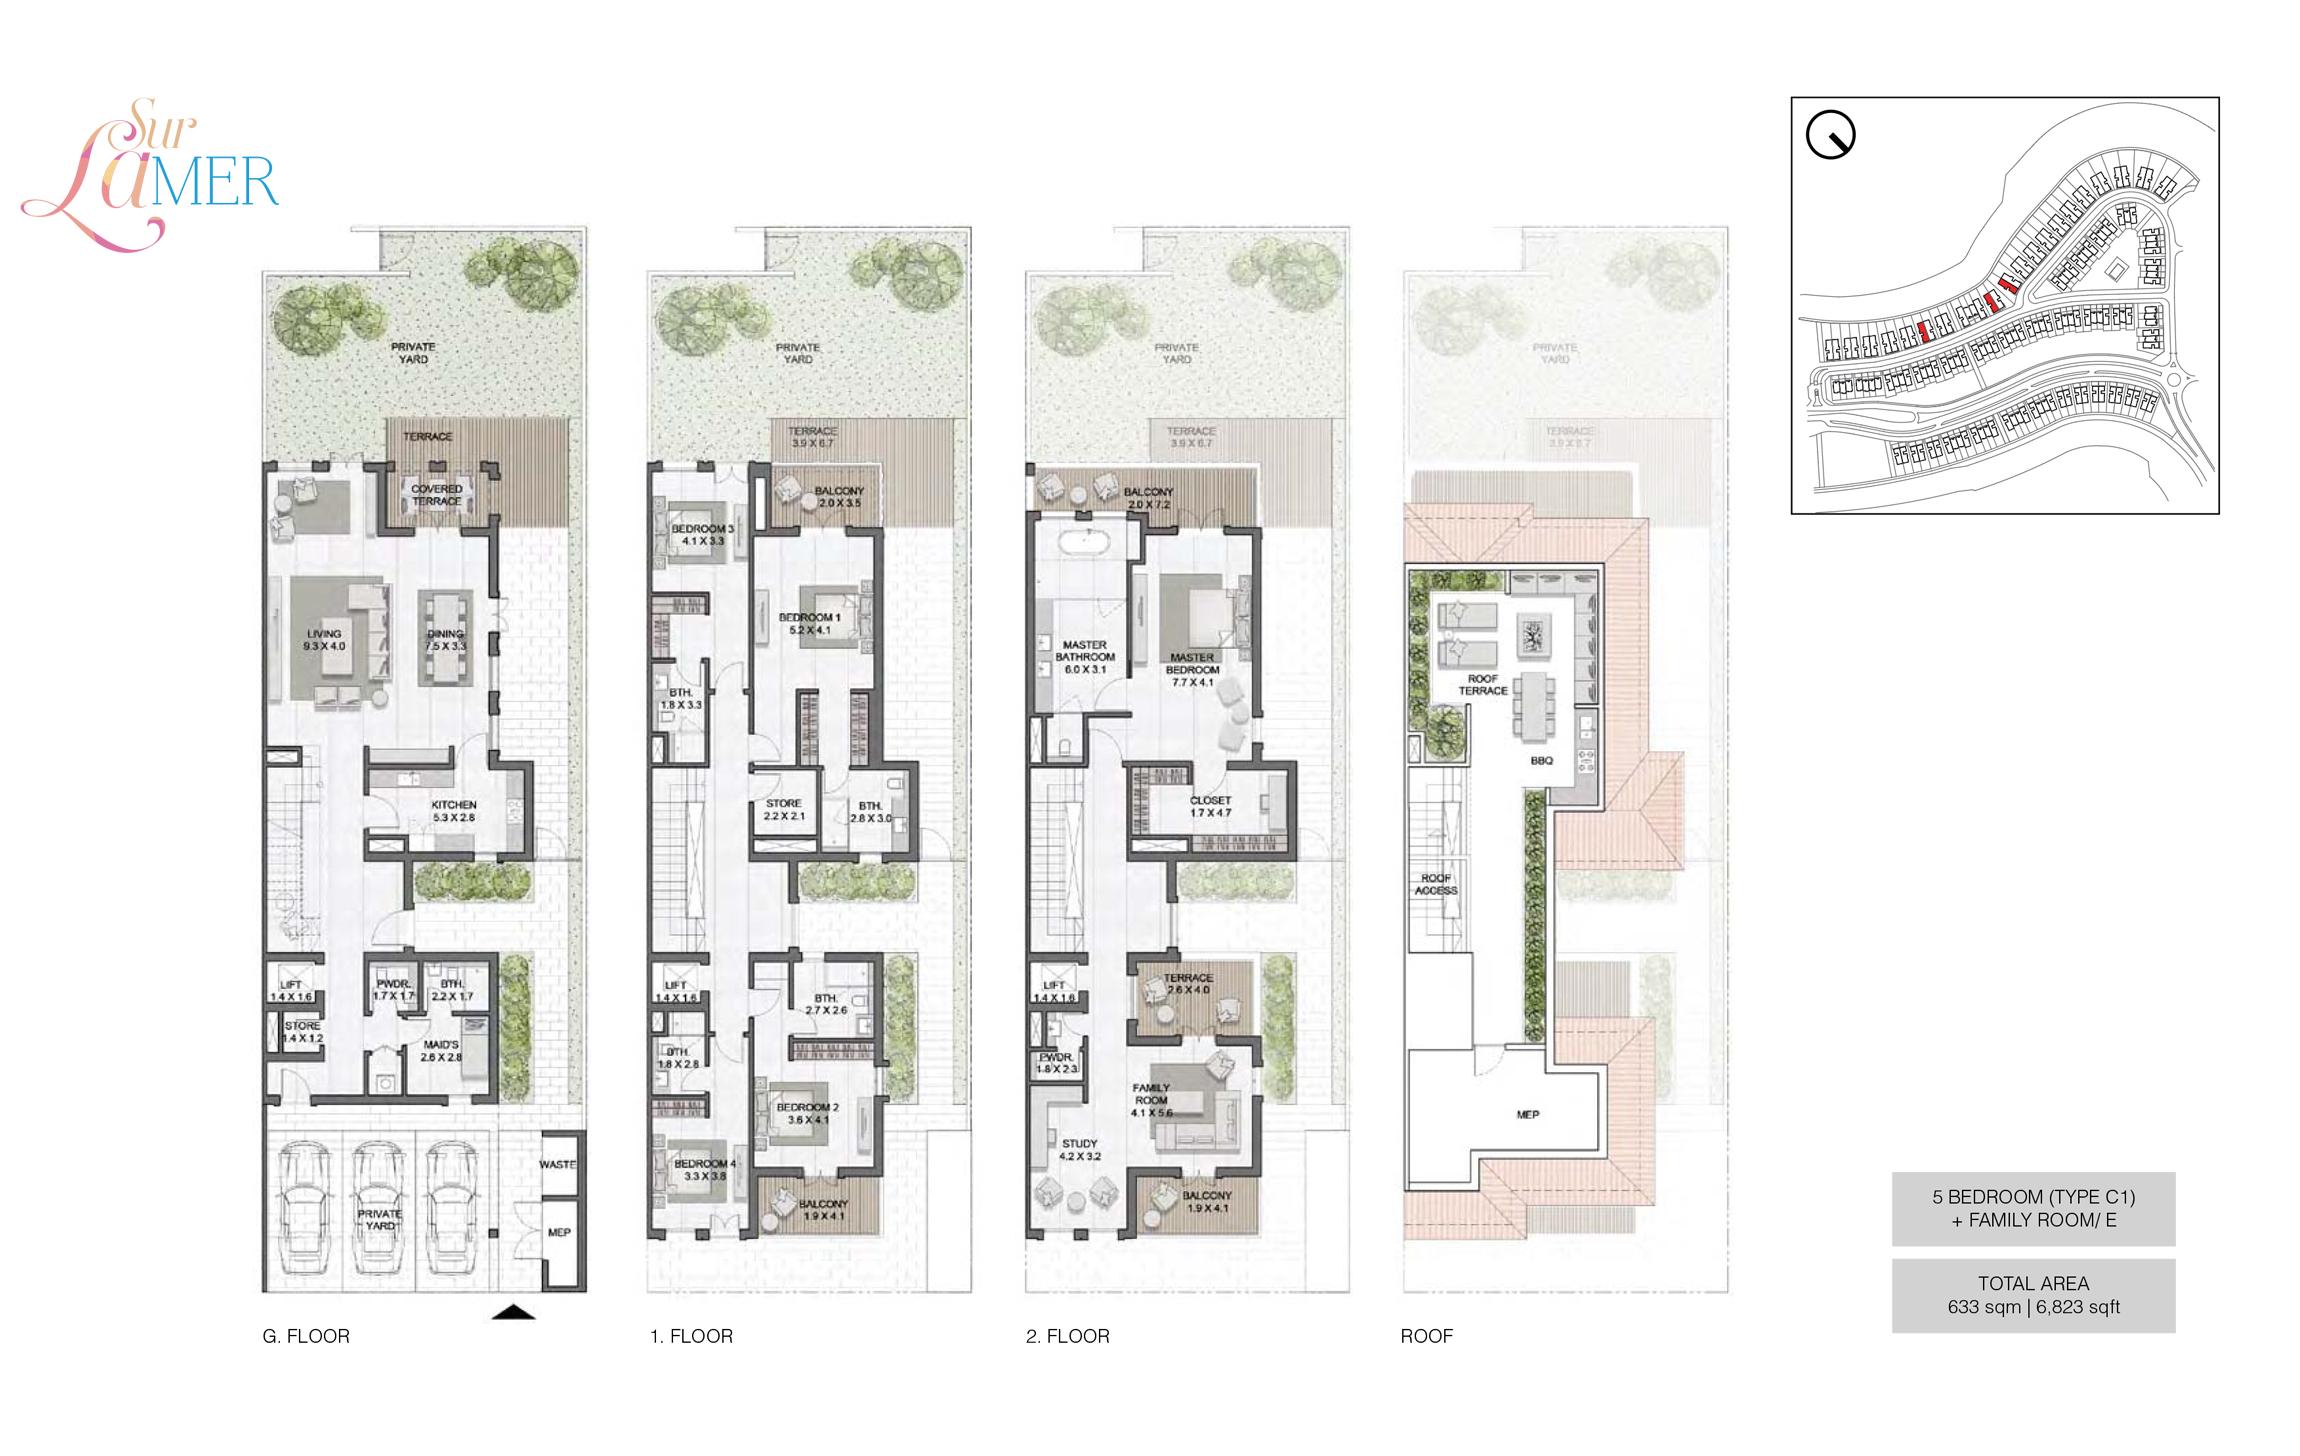 5 Bedroom Type C1, Szie 6823 sq.ft